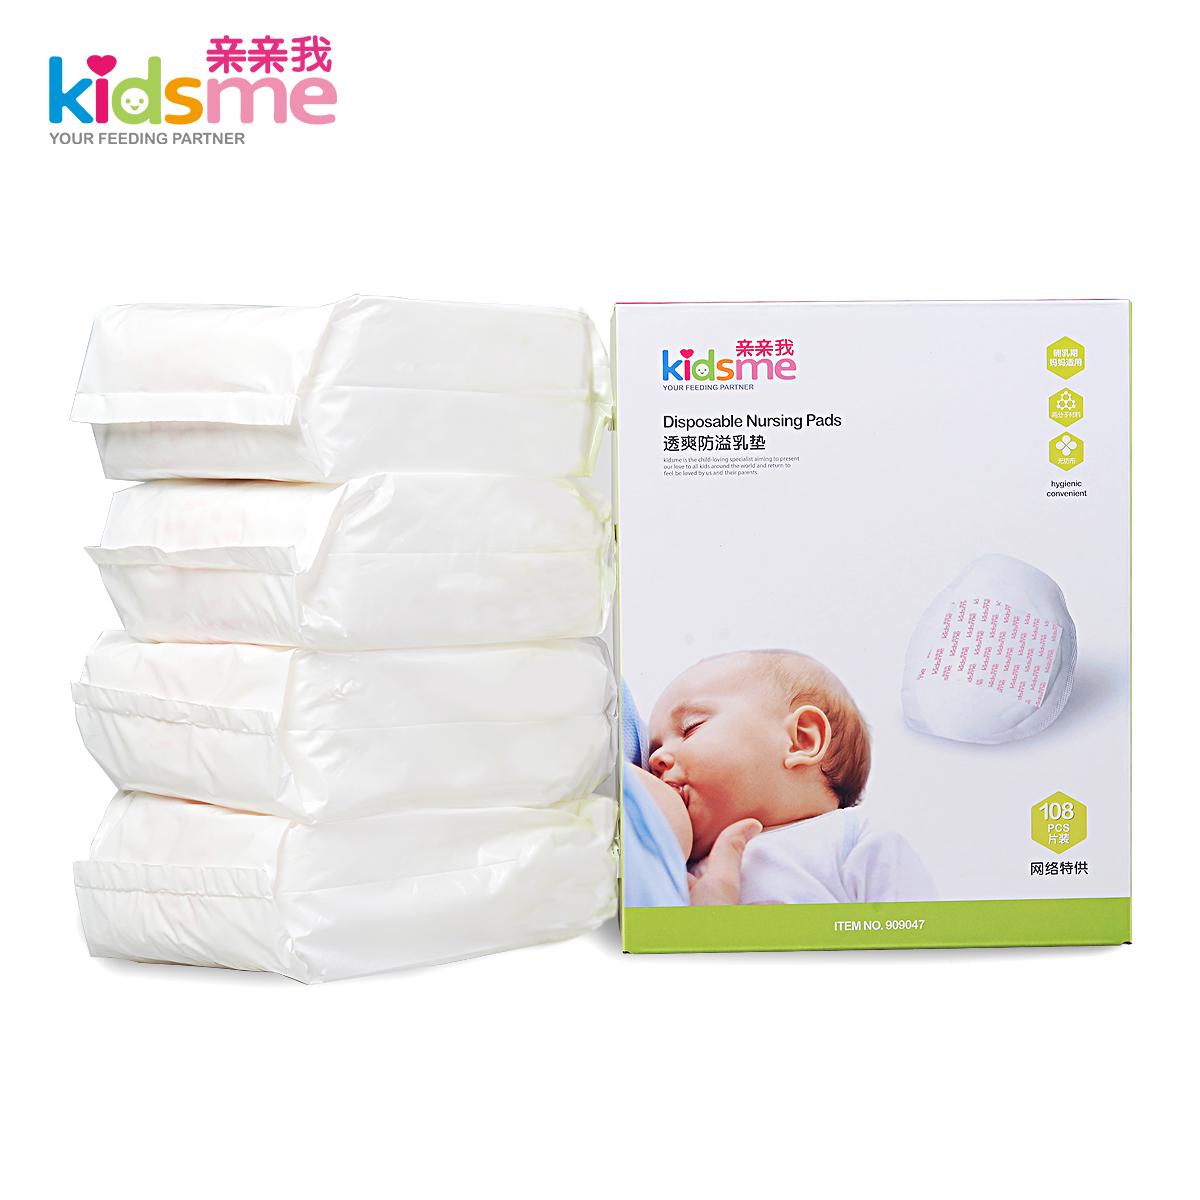 china free maxi pads china free maxi pads shopping guide at alibaba com